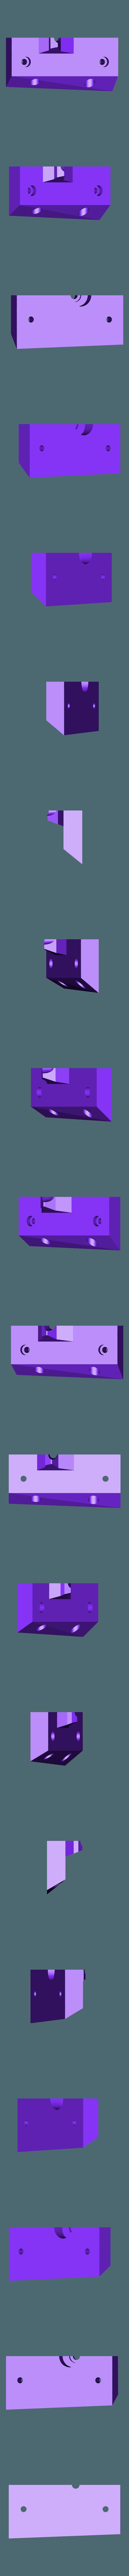 E3D_Mount_v2-6_EDGE_CLAMP.STL Télécharger fichier STL gratuit Monture basse pour grenouille poly (RigidBot E3D v6) • Design pour imprimante 3D, WalterHsiao